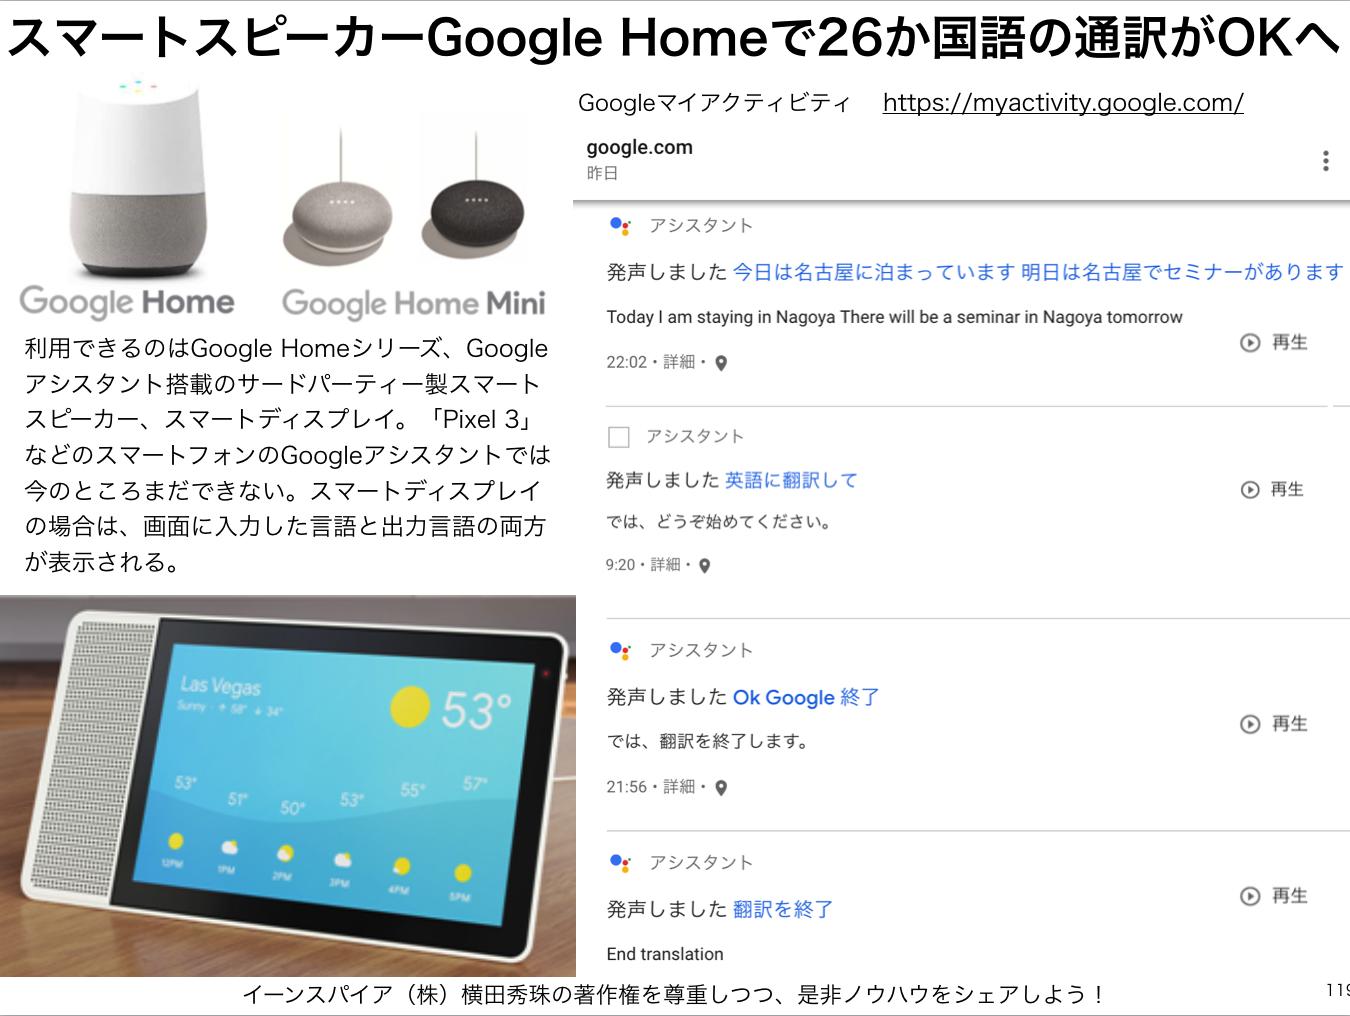 スマートスピーカーGoogle Homeで26か国語の通訳がOKへ